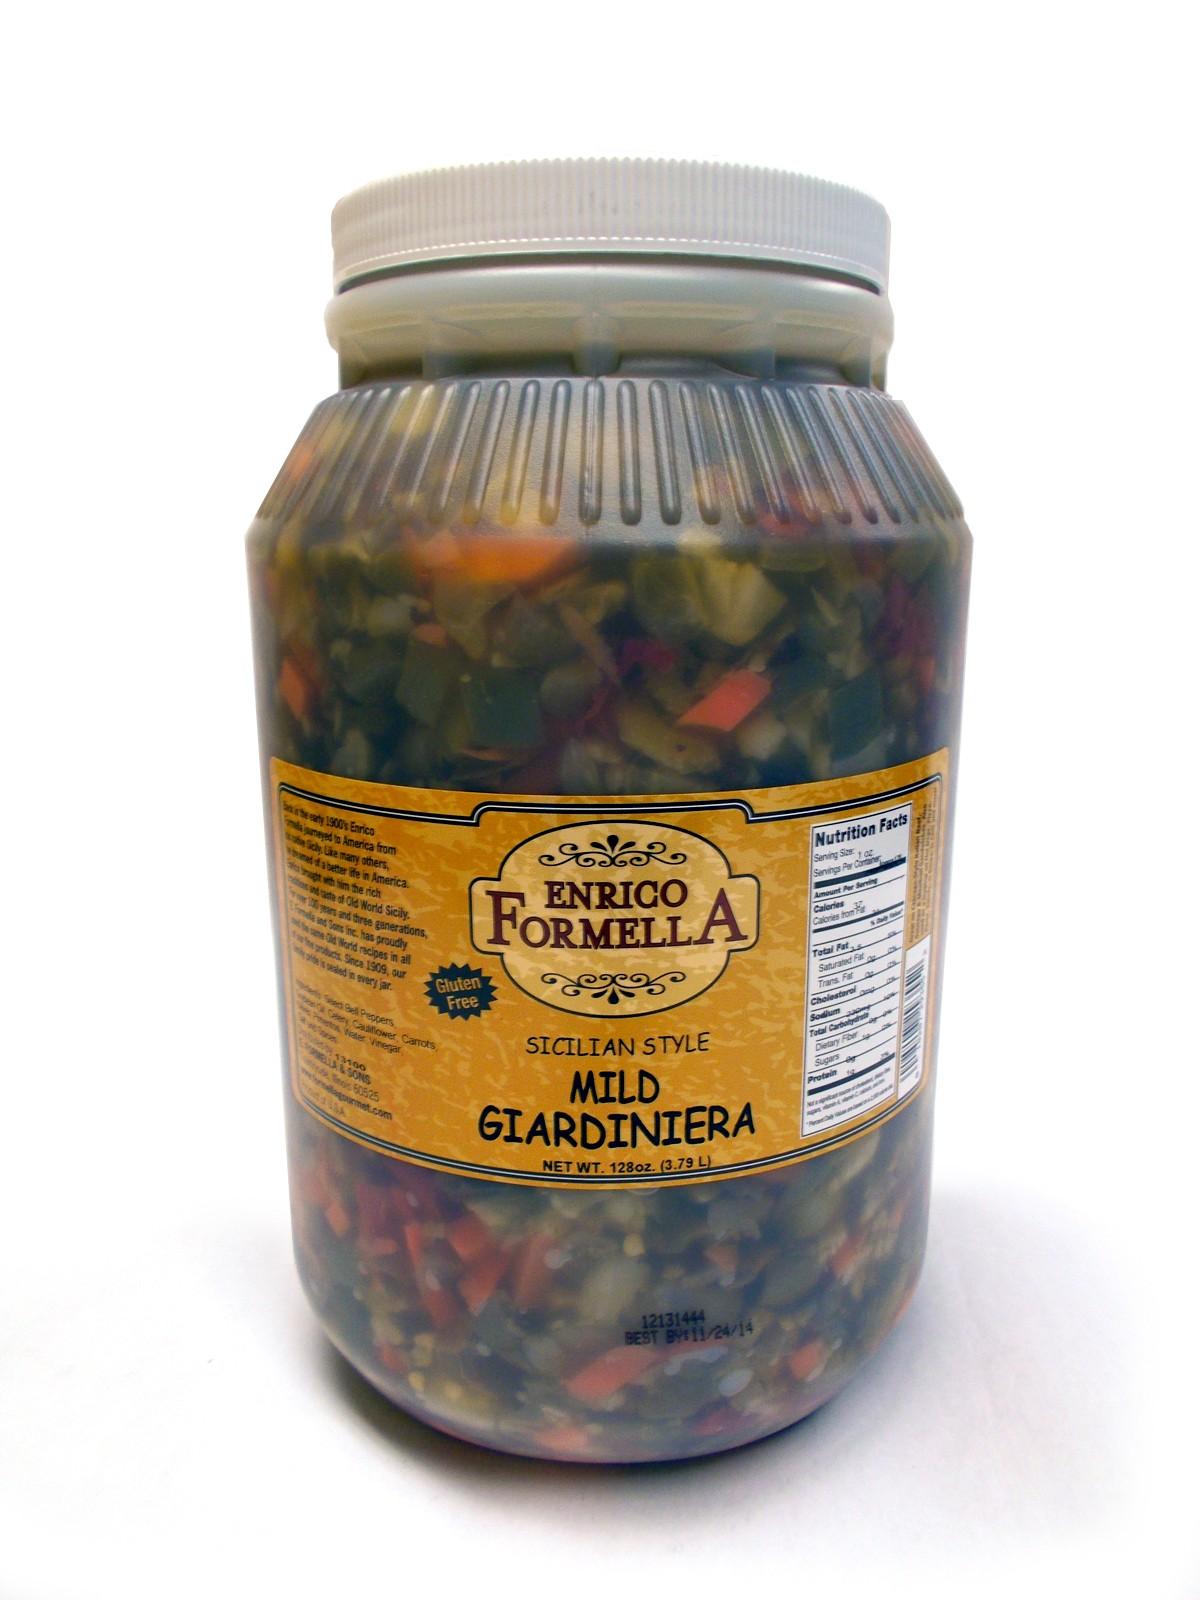 Gallon-size Giardiniera